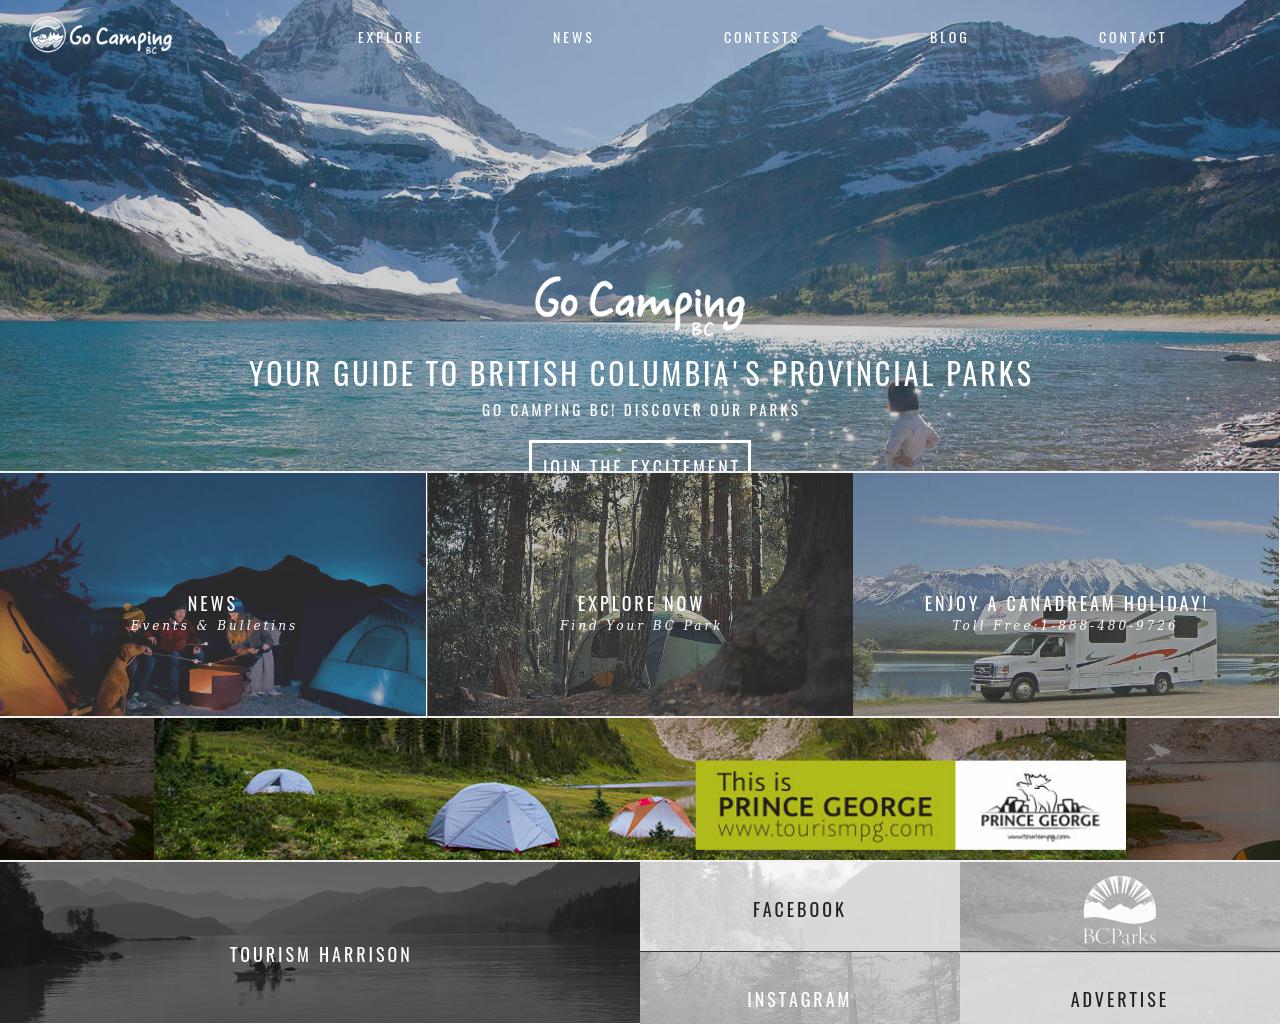 Go-Camping-BC-Advertising-Reviews-Pricing